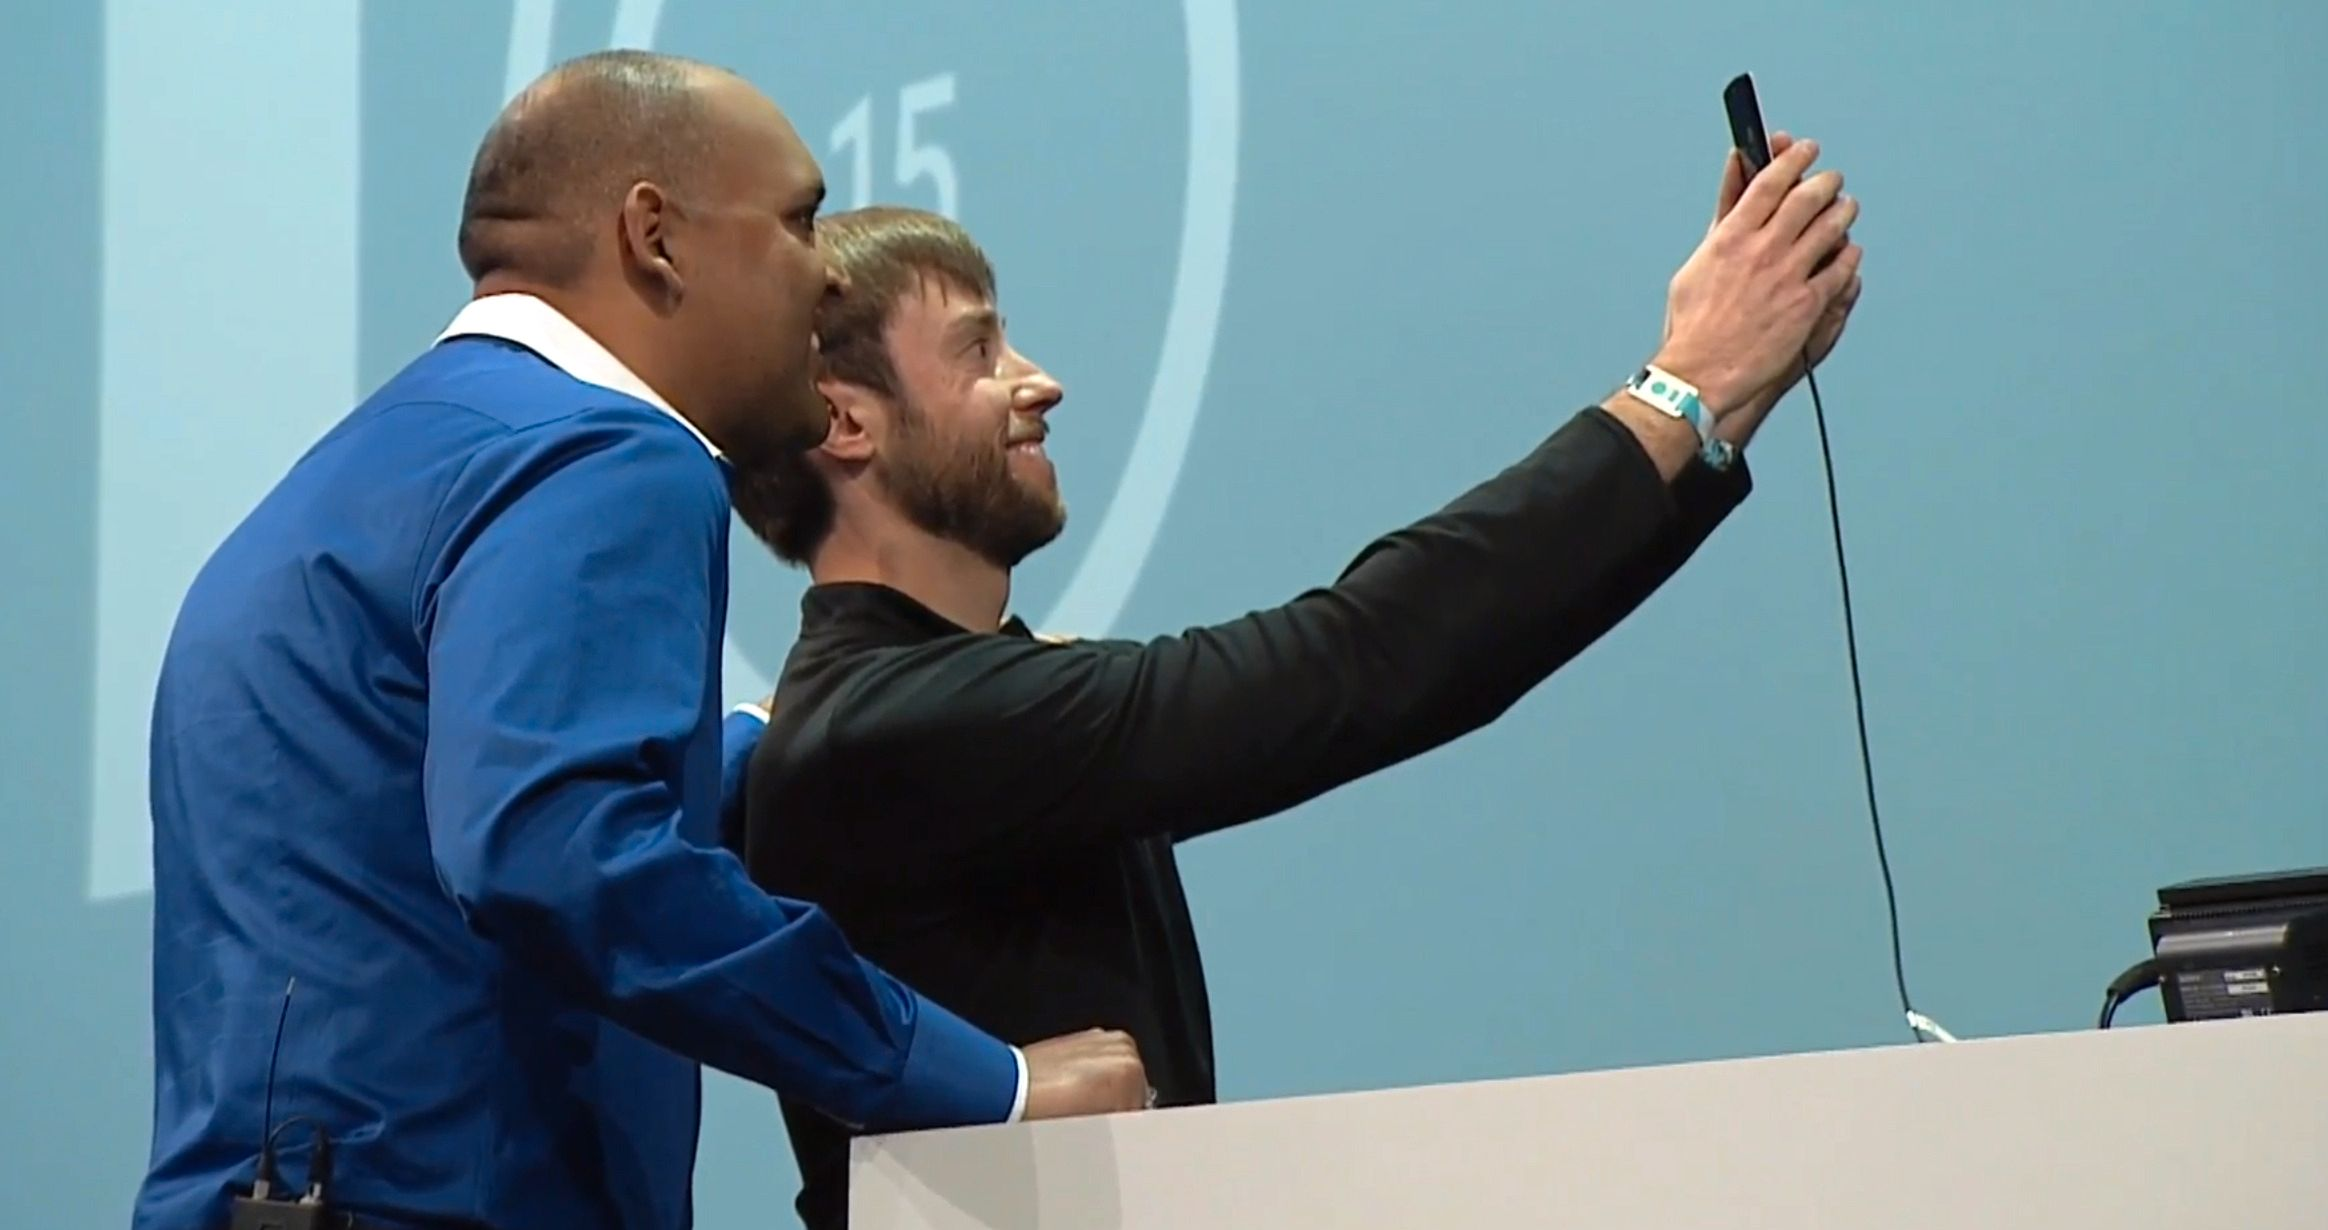 Anil Sabharwal er sjef for Googles nye fototjeneste, og benyttet anledningen til å lansere med en selfie, som ble brukt i demonstrasjonen. Foto: Skjermdump, Youtube/Google